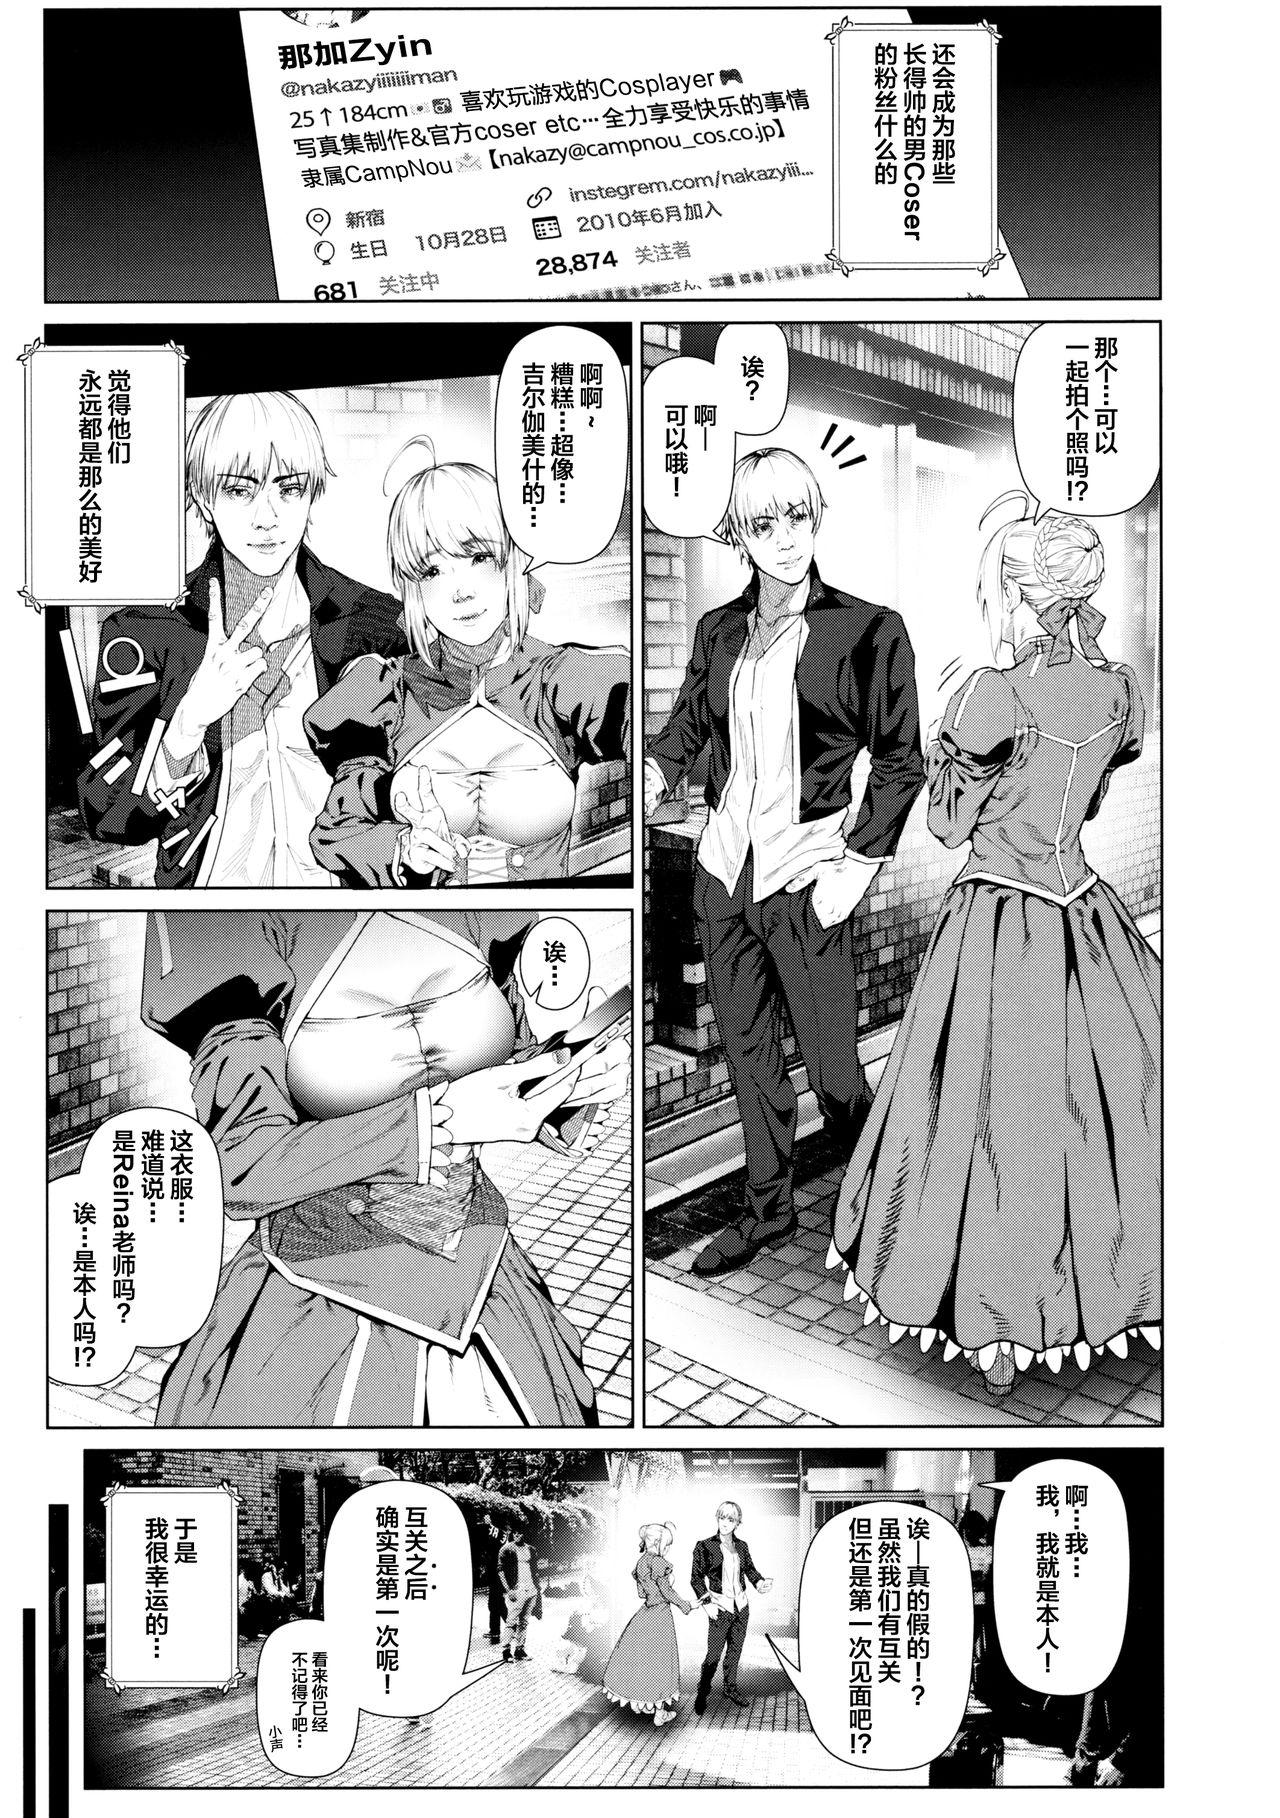 Cos wa Midara na Kamen Ninki Ikemen Layer no SeFri Ken Ishou Seisaku Tantou no Zoukei Layer wa Honmei Kanojo no Yume o Miru ka 9